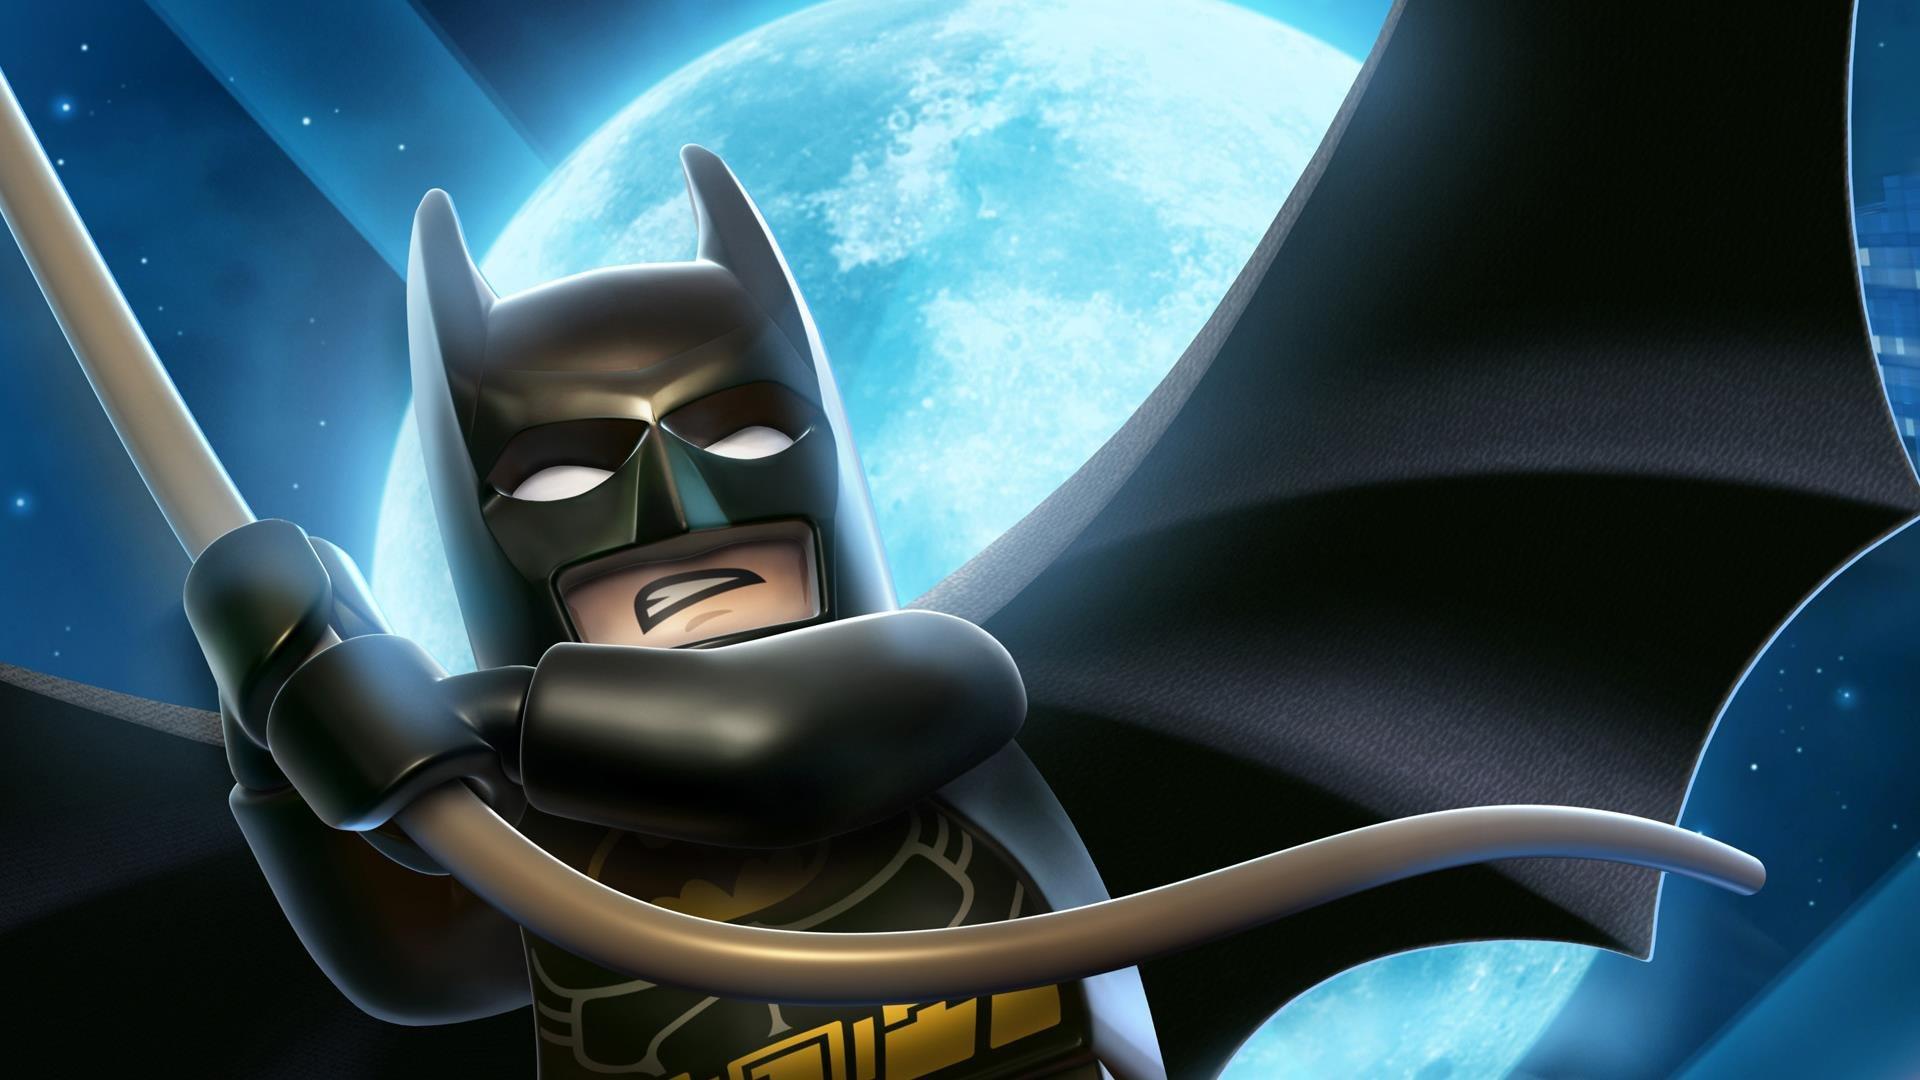 Free Download Lego Batman Wallpaper Id84638 Full Hd